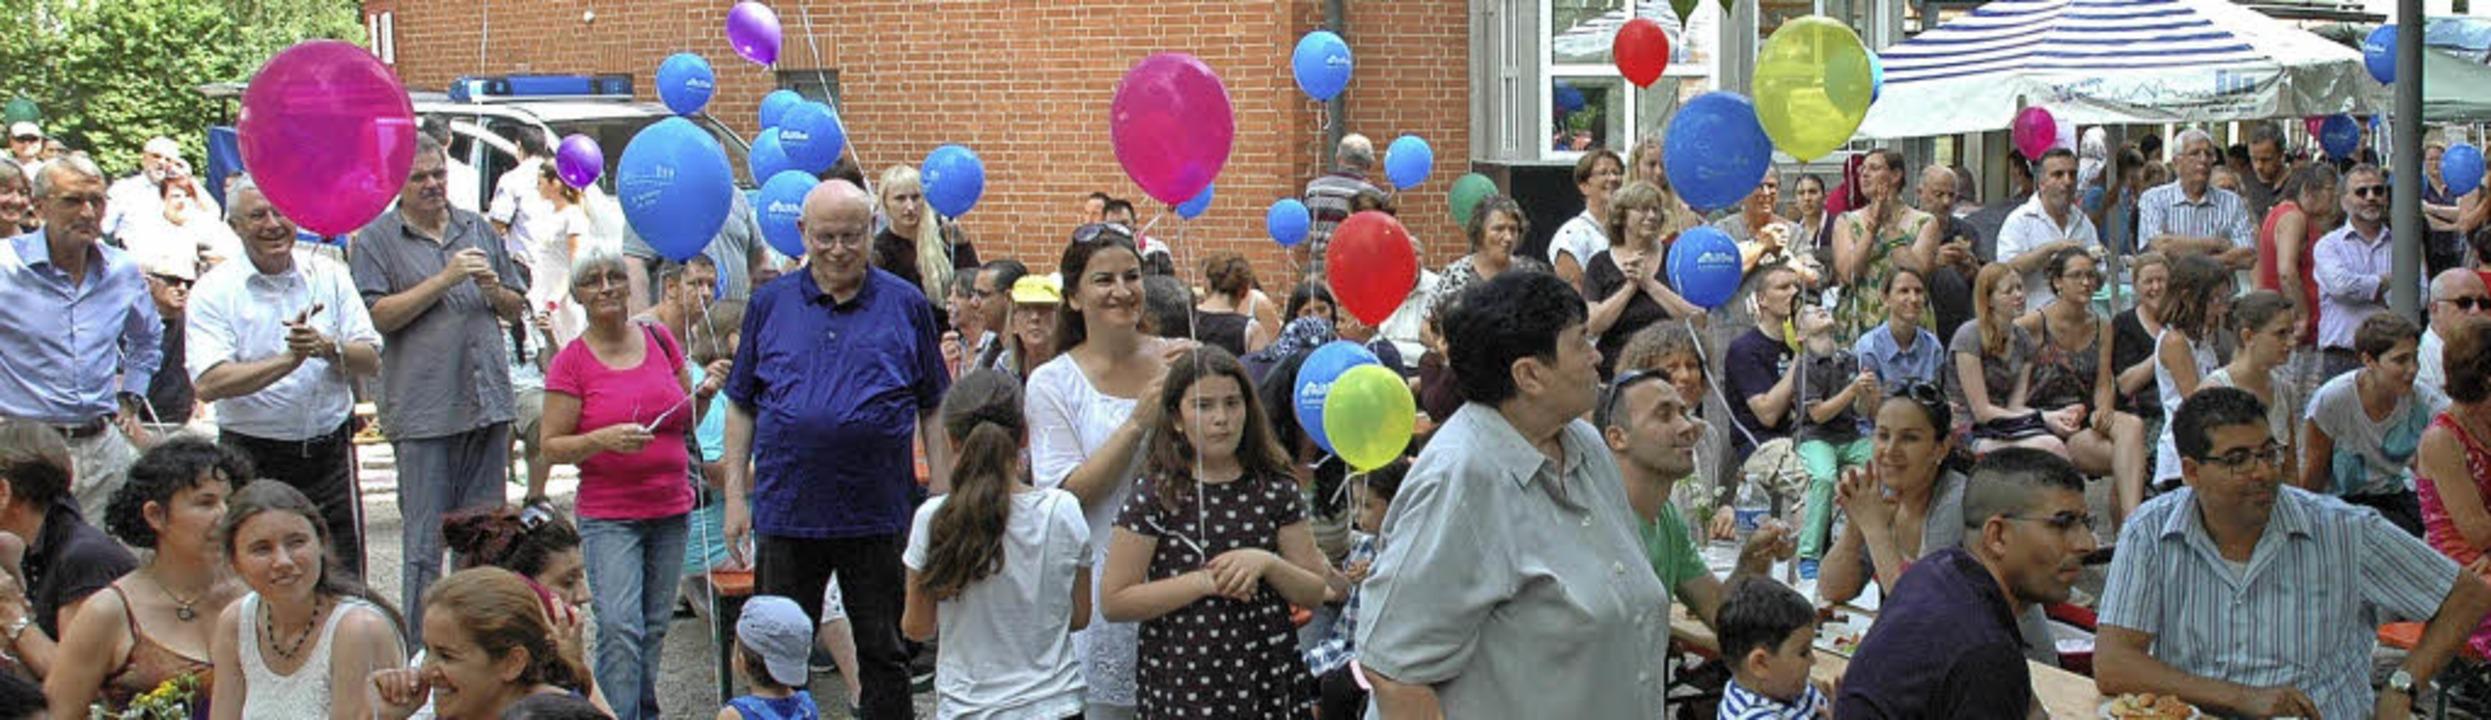 Feiern über Generations-, Religions-  ...inger Stadtteilvereins im Mittelpunkt.  | Foto: Regine Ounas-Kräusel